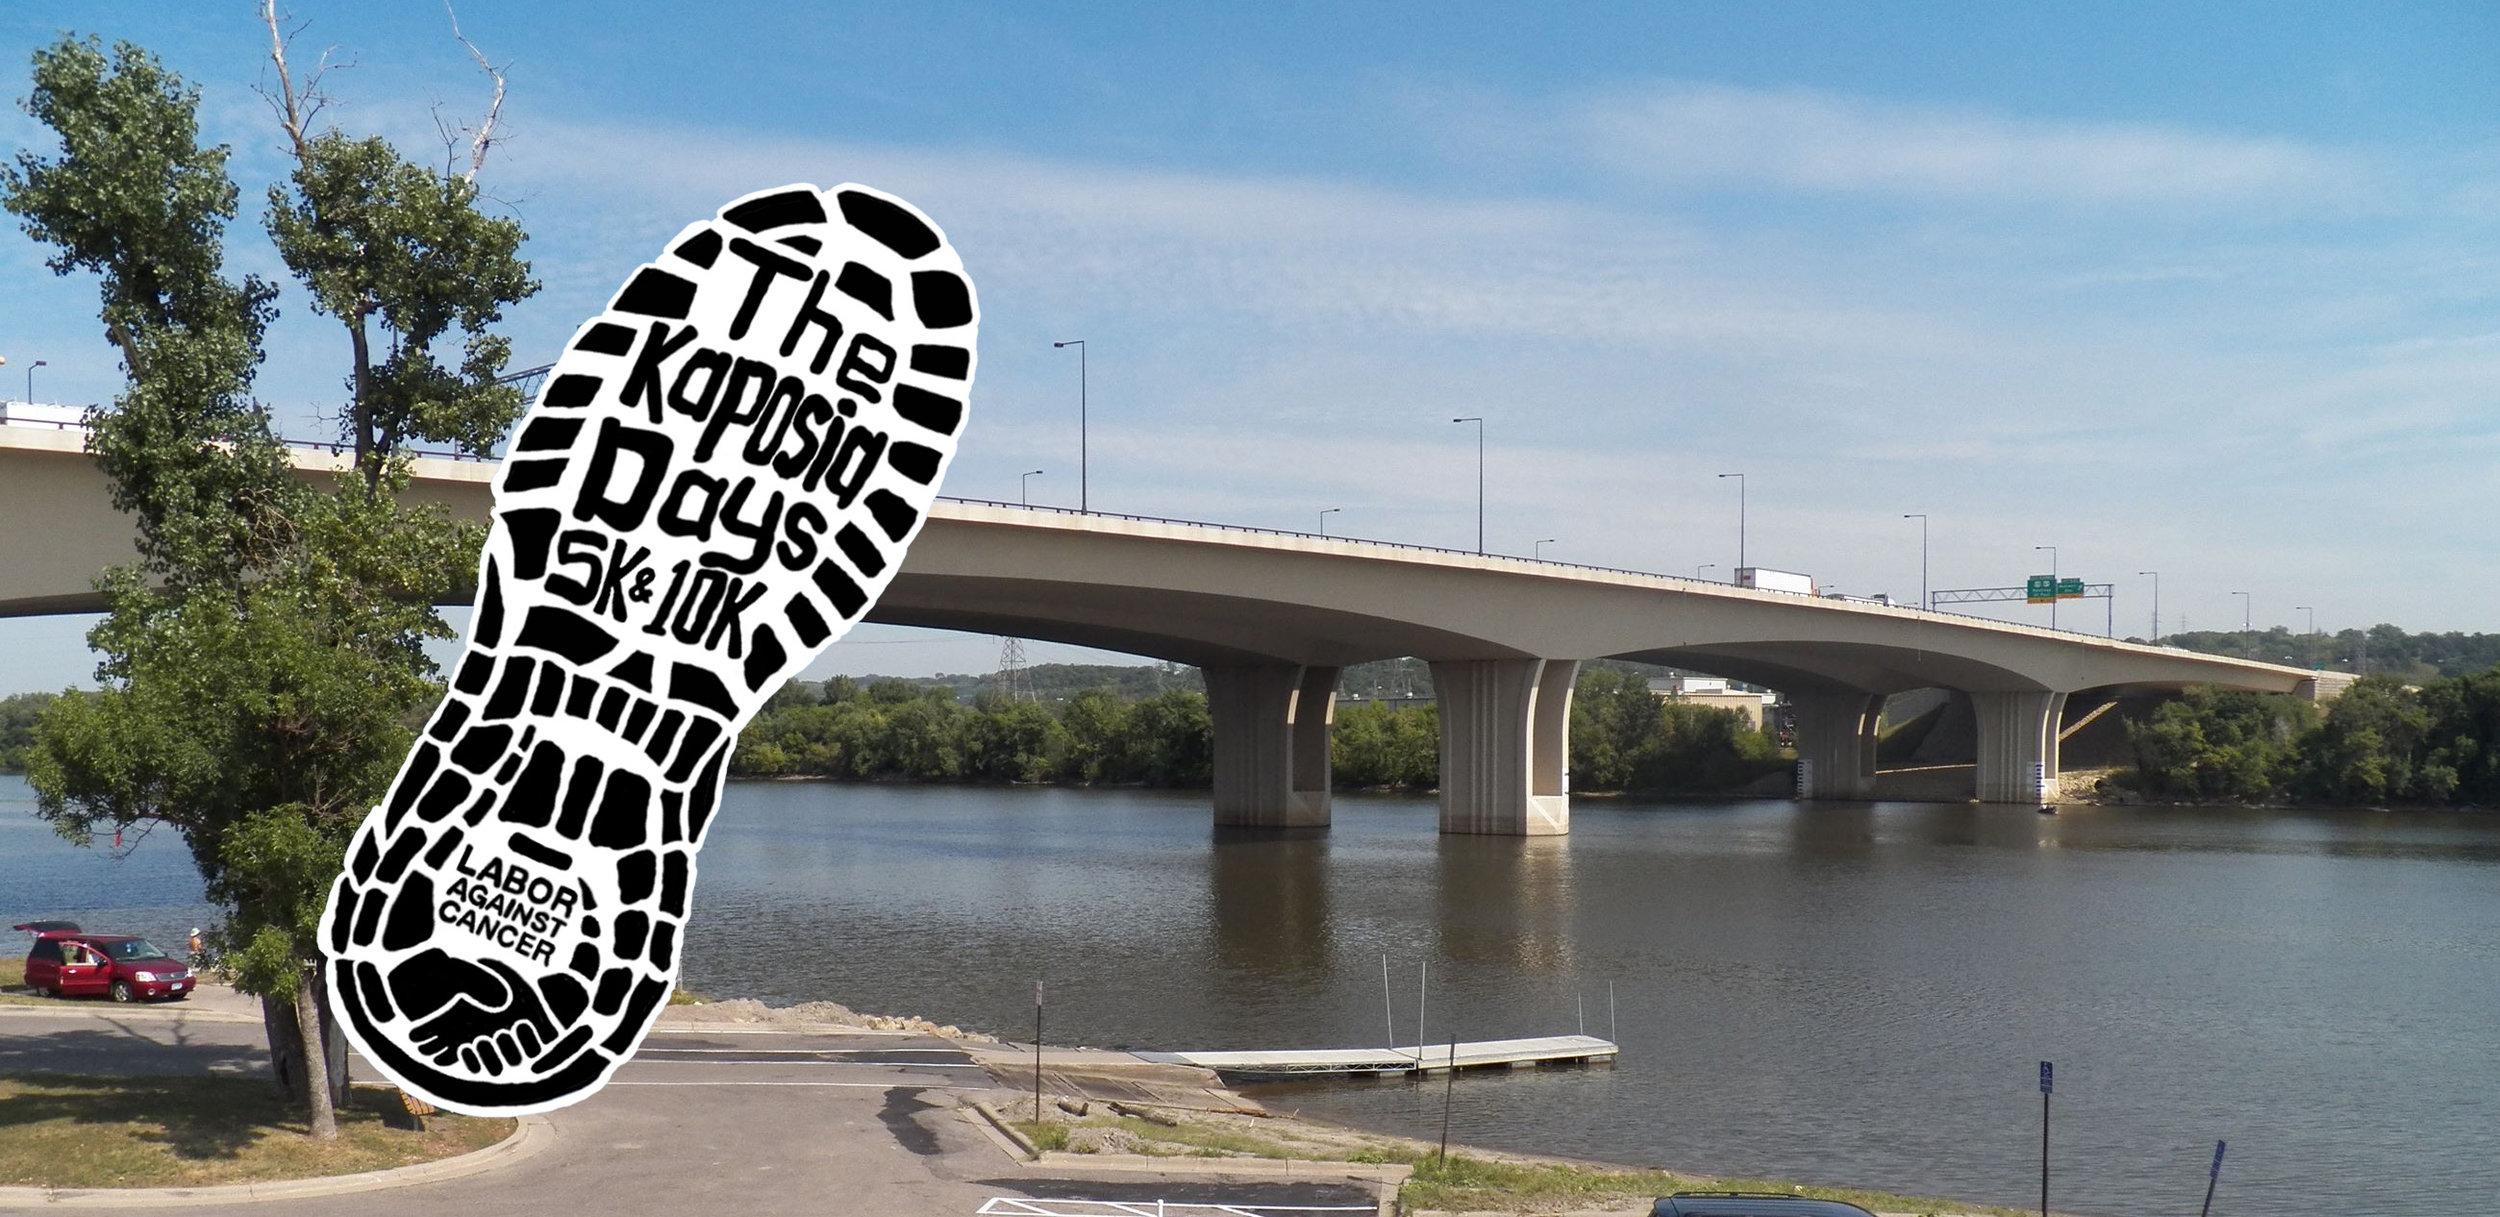 ssp river bridge 5k10k shoe 2.jpg